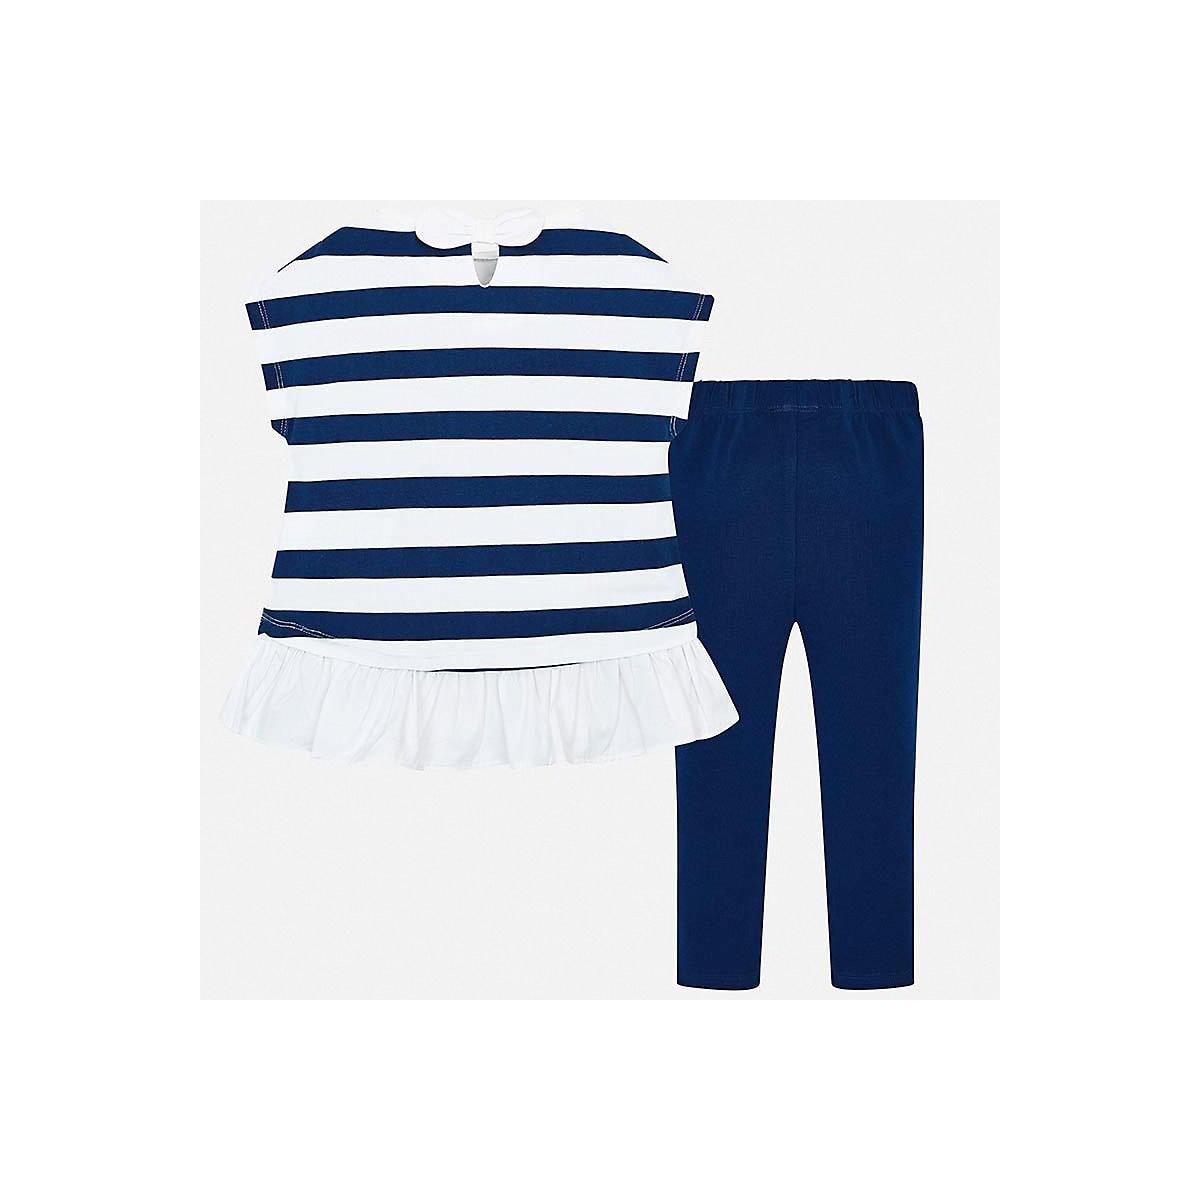 Conjuntos de niños MAYORAL 10687134 conjunto de ropa para niños pantalones camiseta piernas camisa pantalones cortos niñas y niños - 3